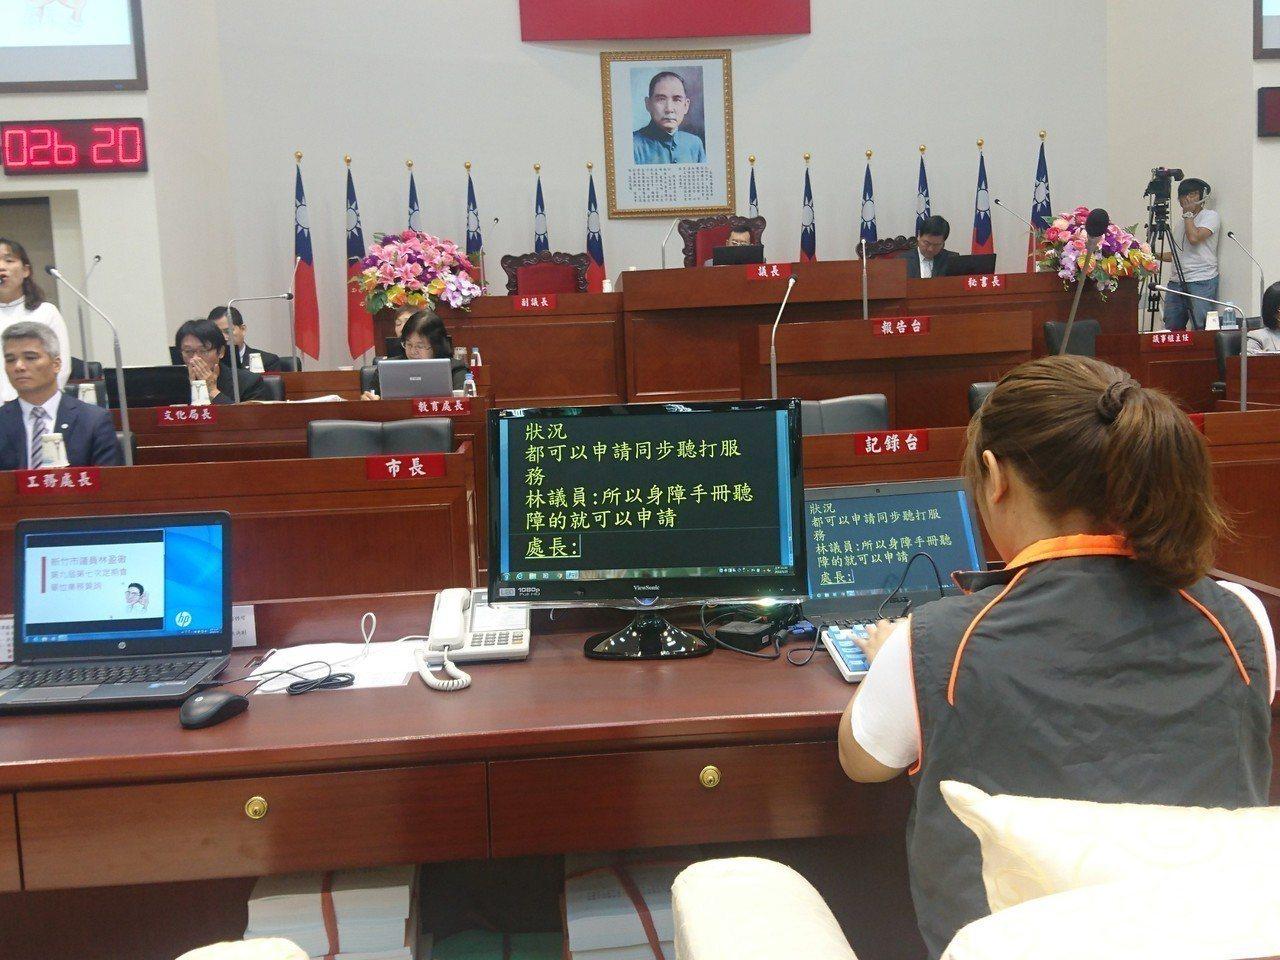 新竹市政府社會處提供「同步聽打服務」首次在新竹市議會的質詢時間使用。圖/林盈徹提...